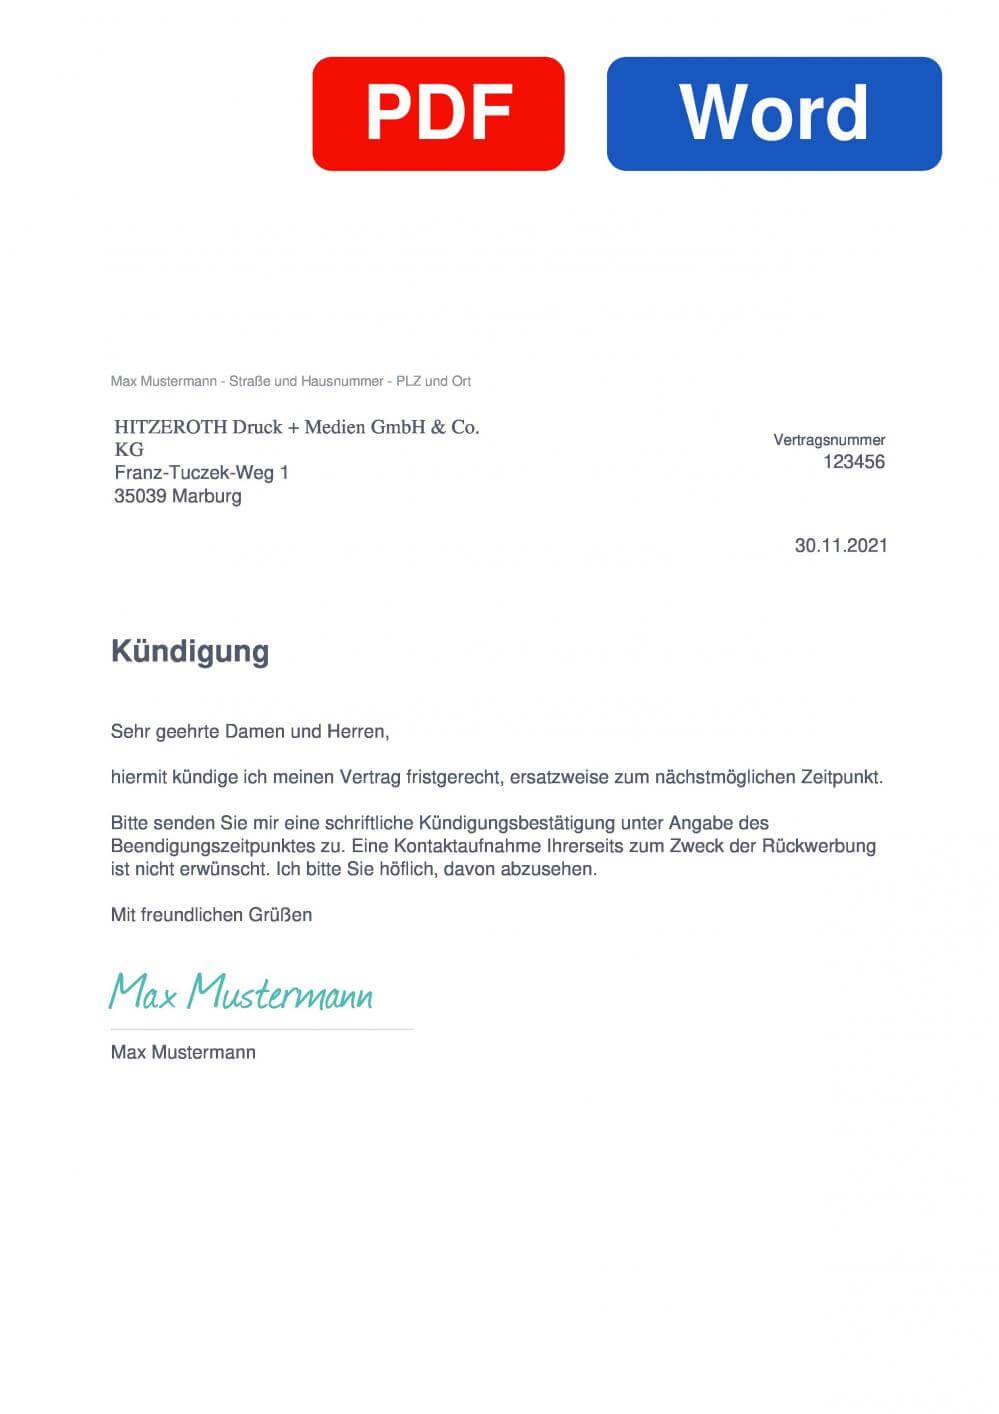 Oberhessische Presse Muster Vorlage für Kündigungsschreiben